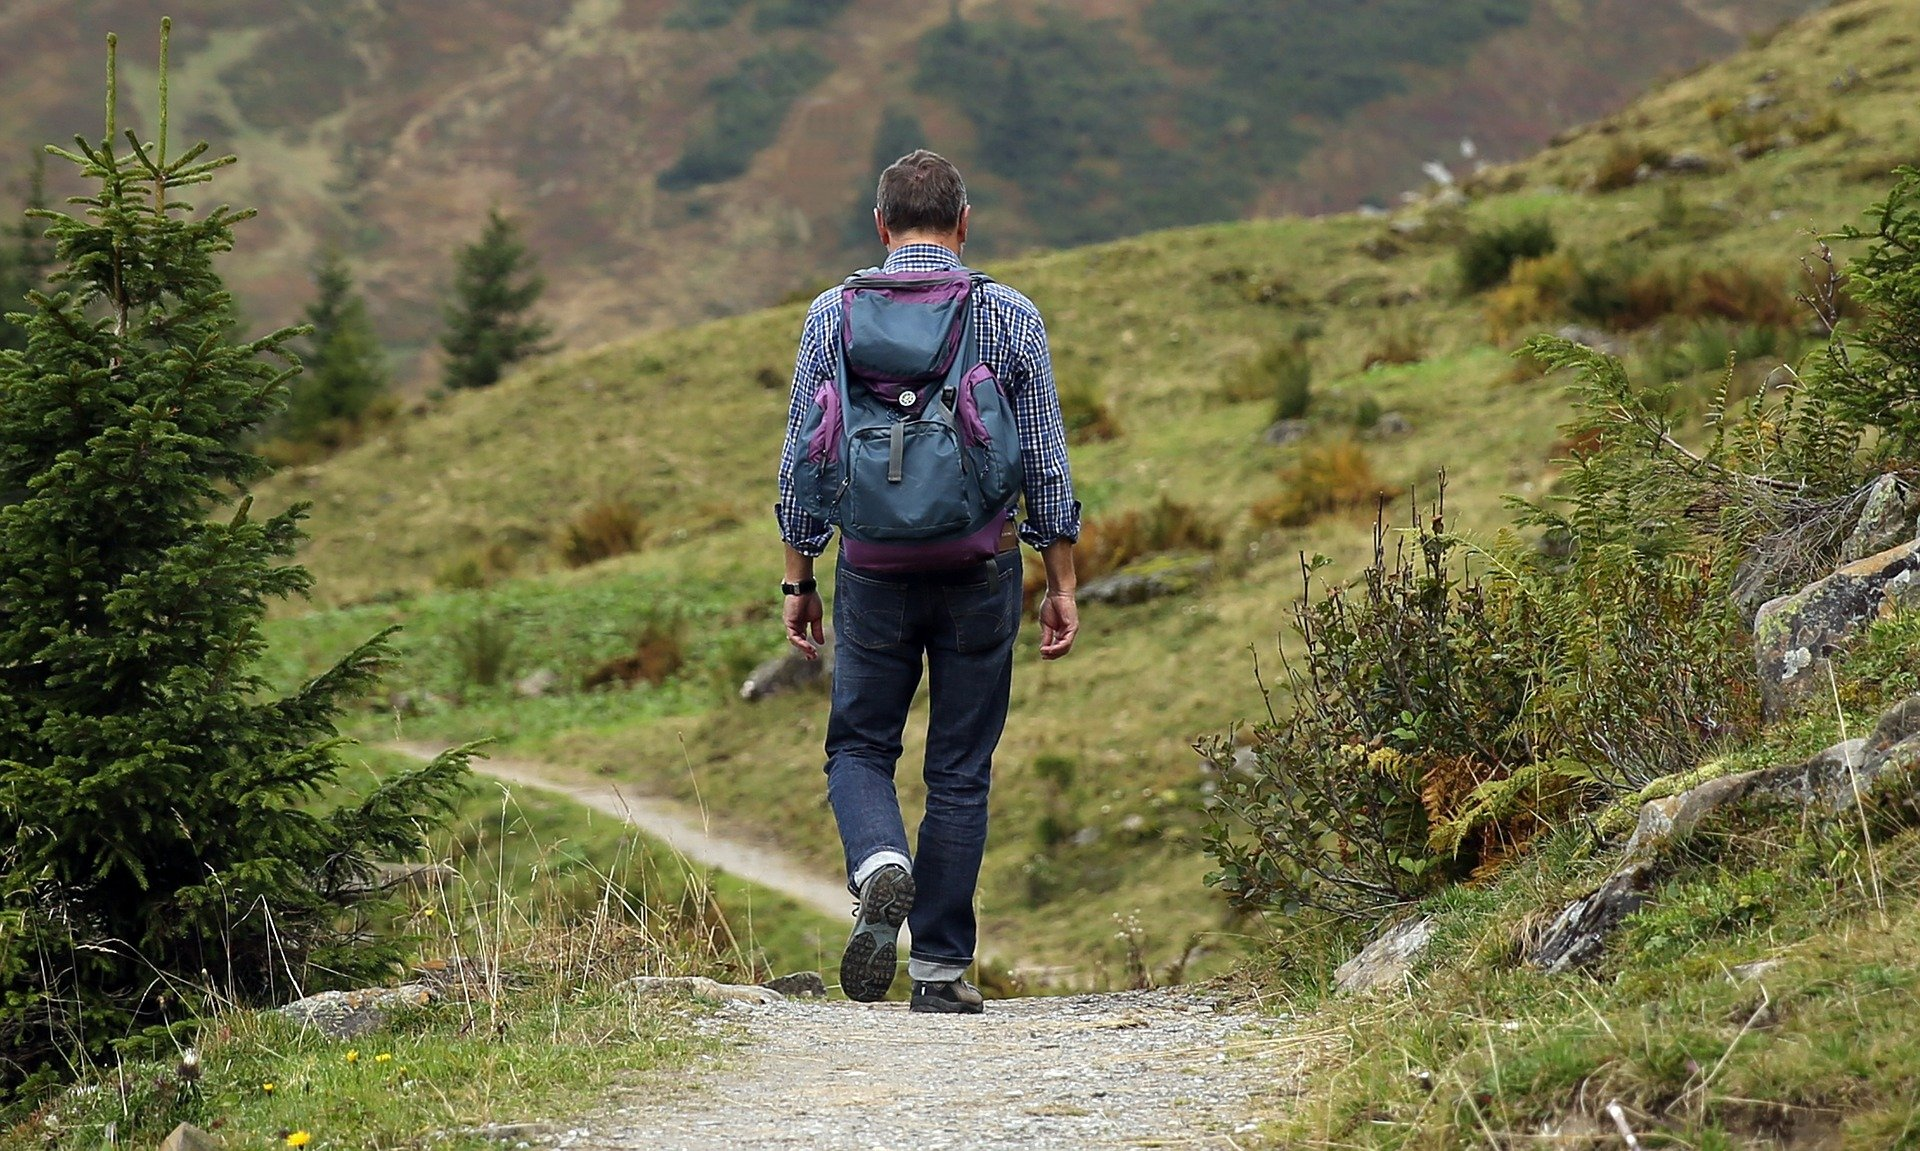 Escursioni in sicurezza-consigli utili